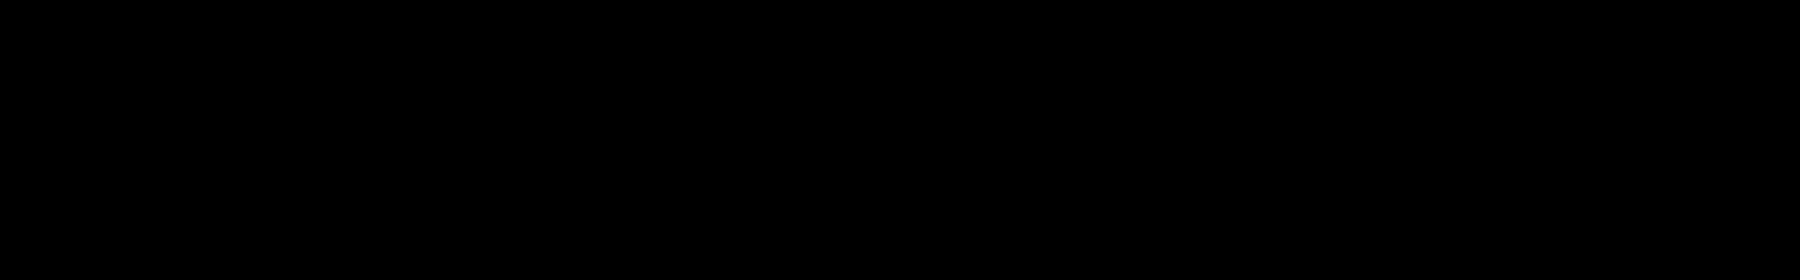 MCMLXXXV audio waveform